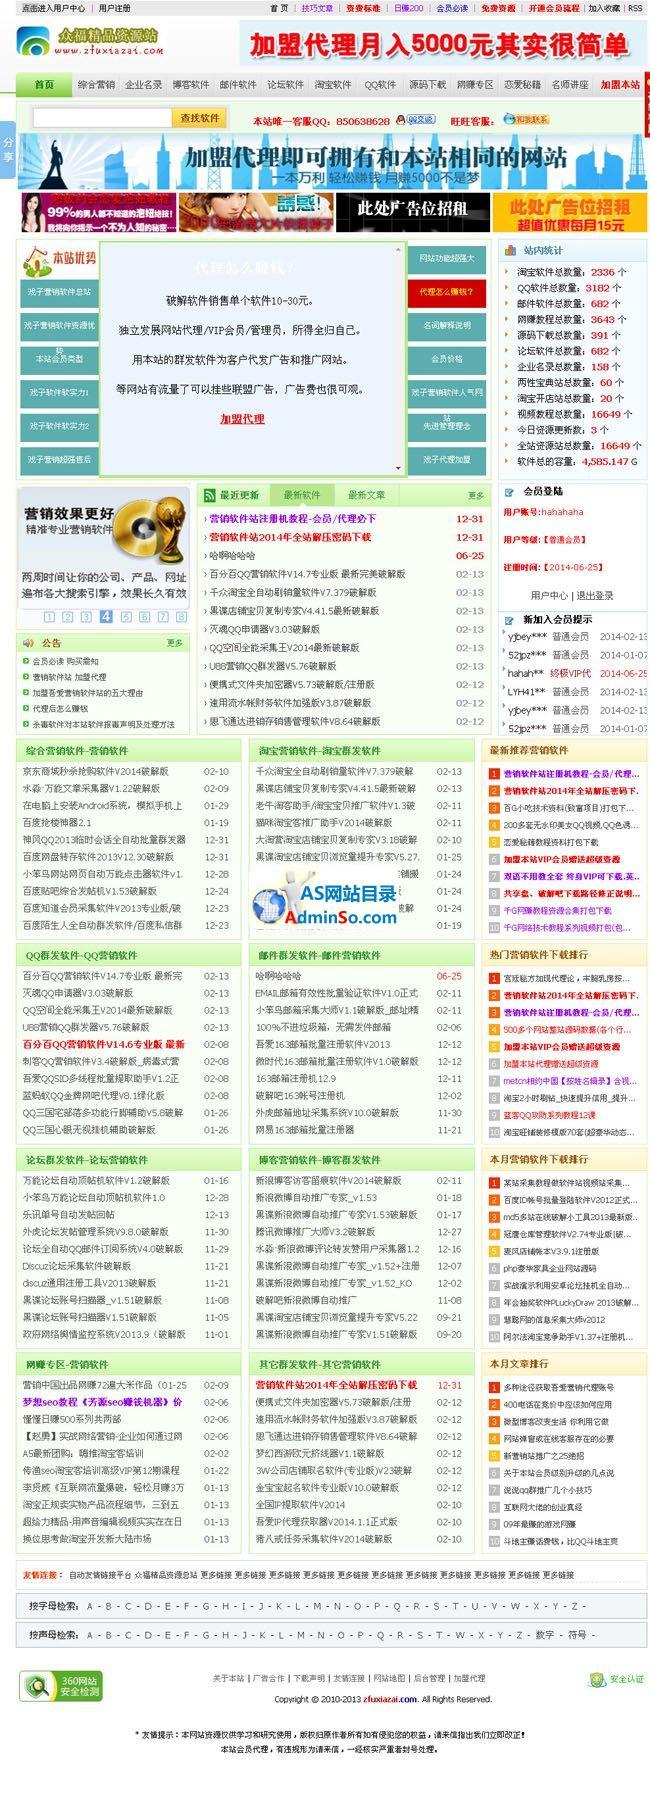 众福精品资源站源码(新云内核4.0)